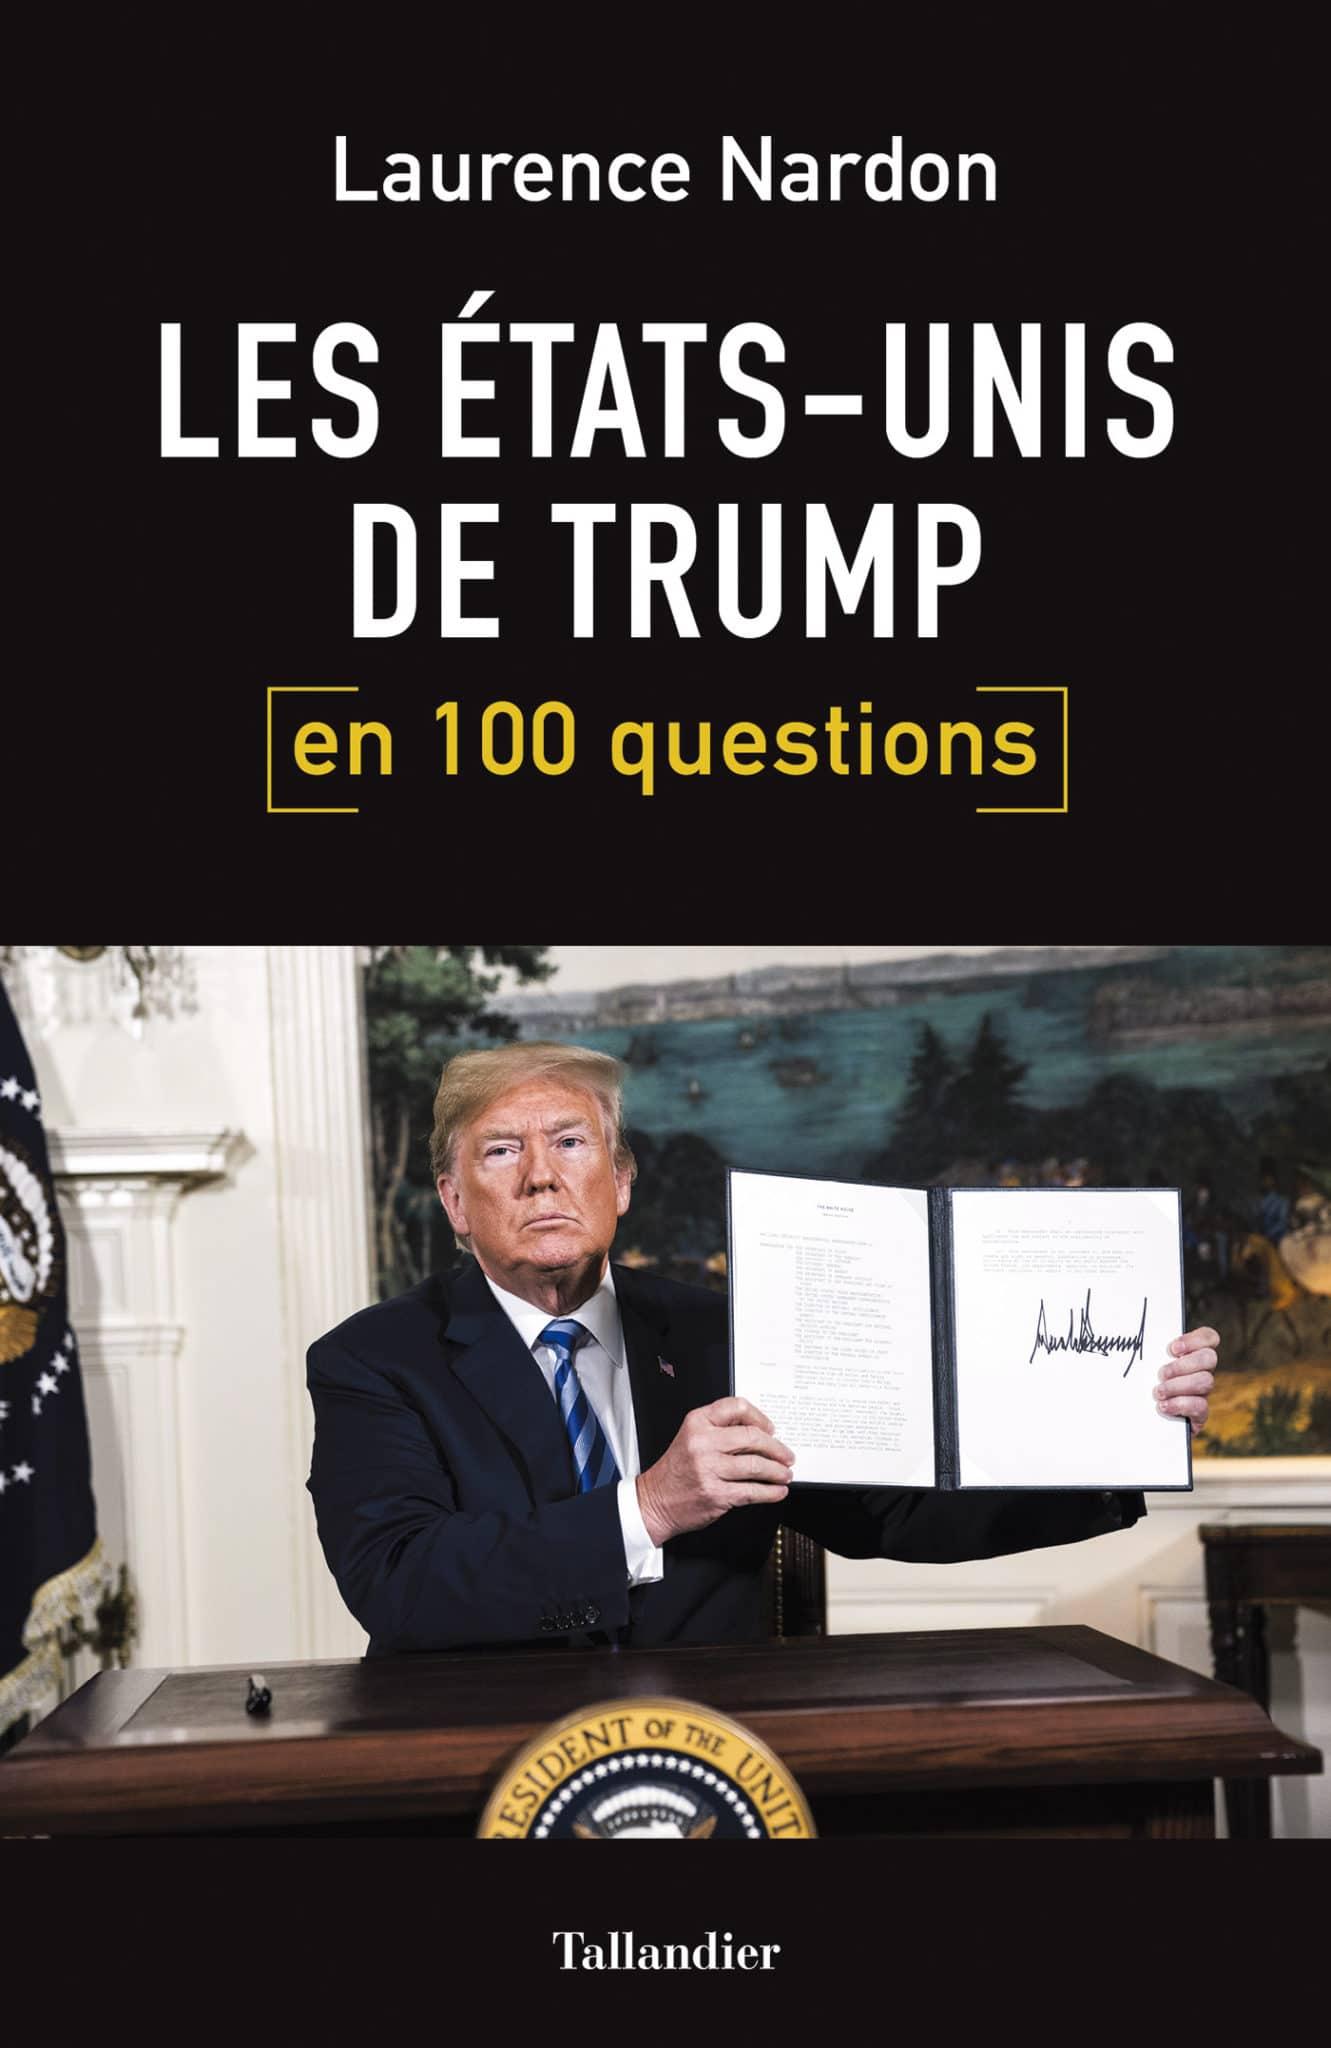 Les États-Unis de Trump en 100 questions